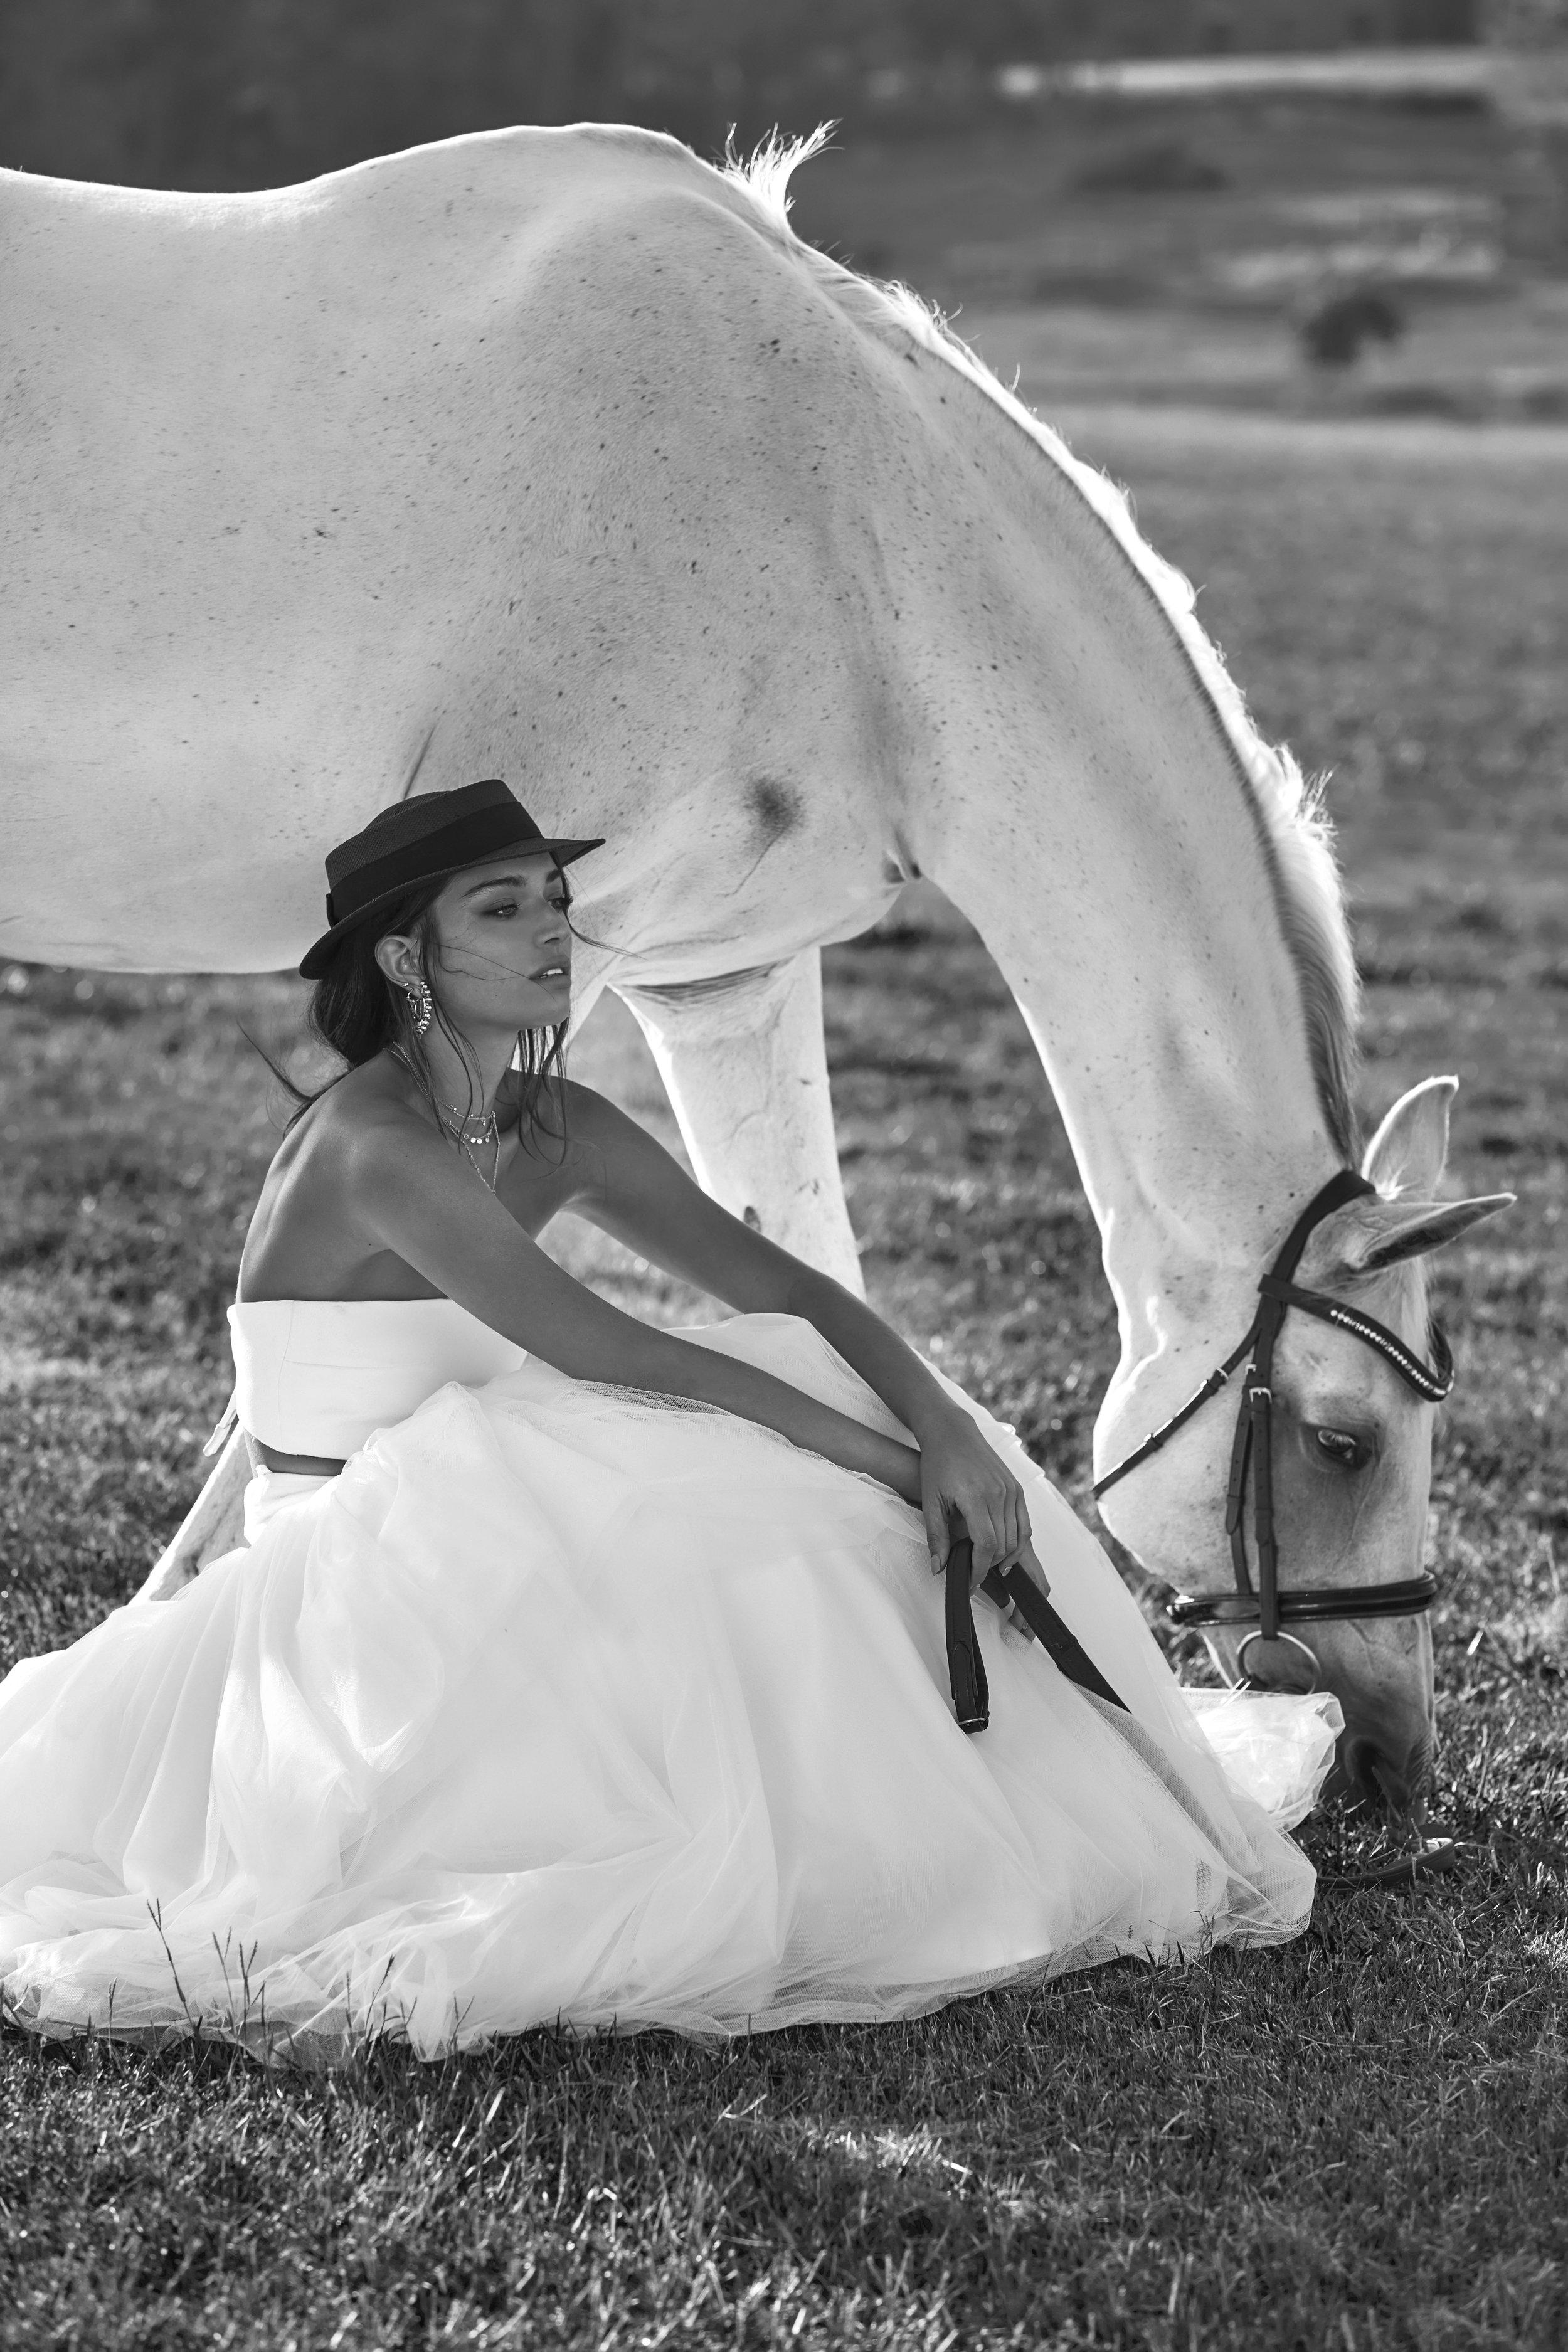 chosen-new-reign-murphy-skirt-wedding-dress-4-bw.jpg